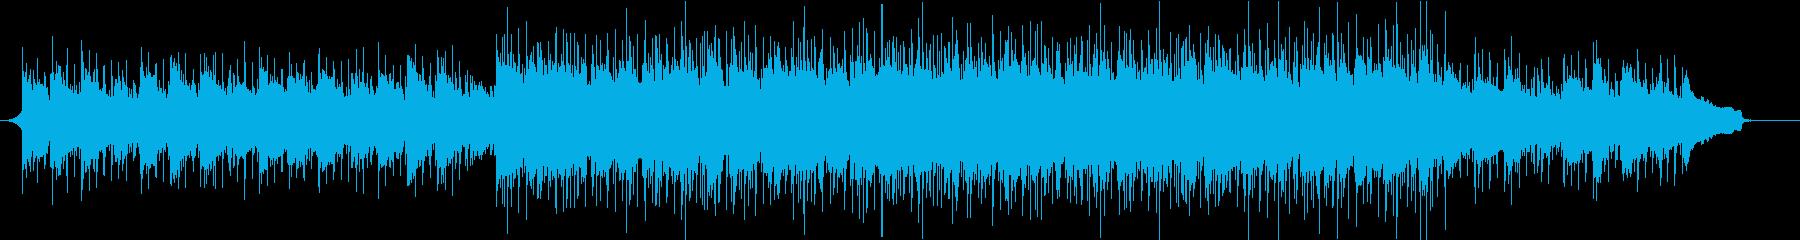 VP系26/ショート、高揚感、躍動ロックの再生済みの波形